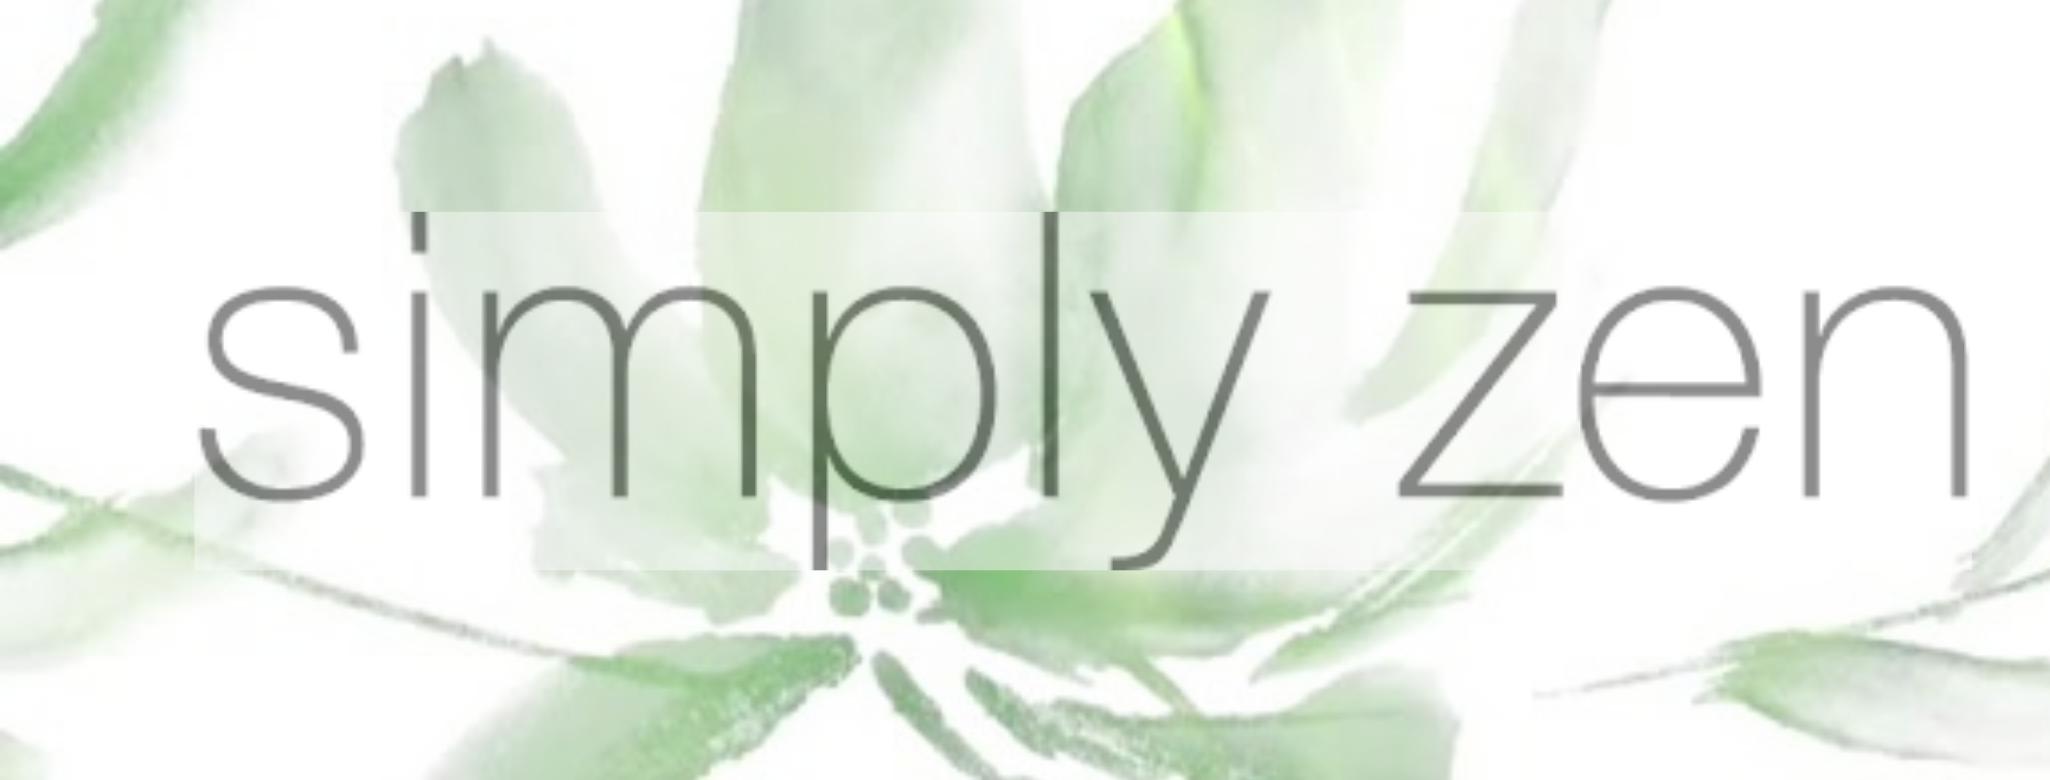 Simply Zen Banner til brand siden